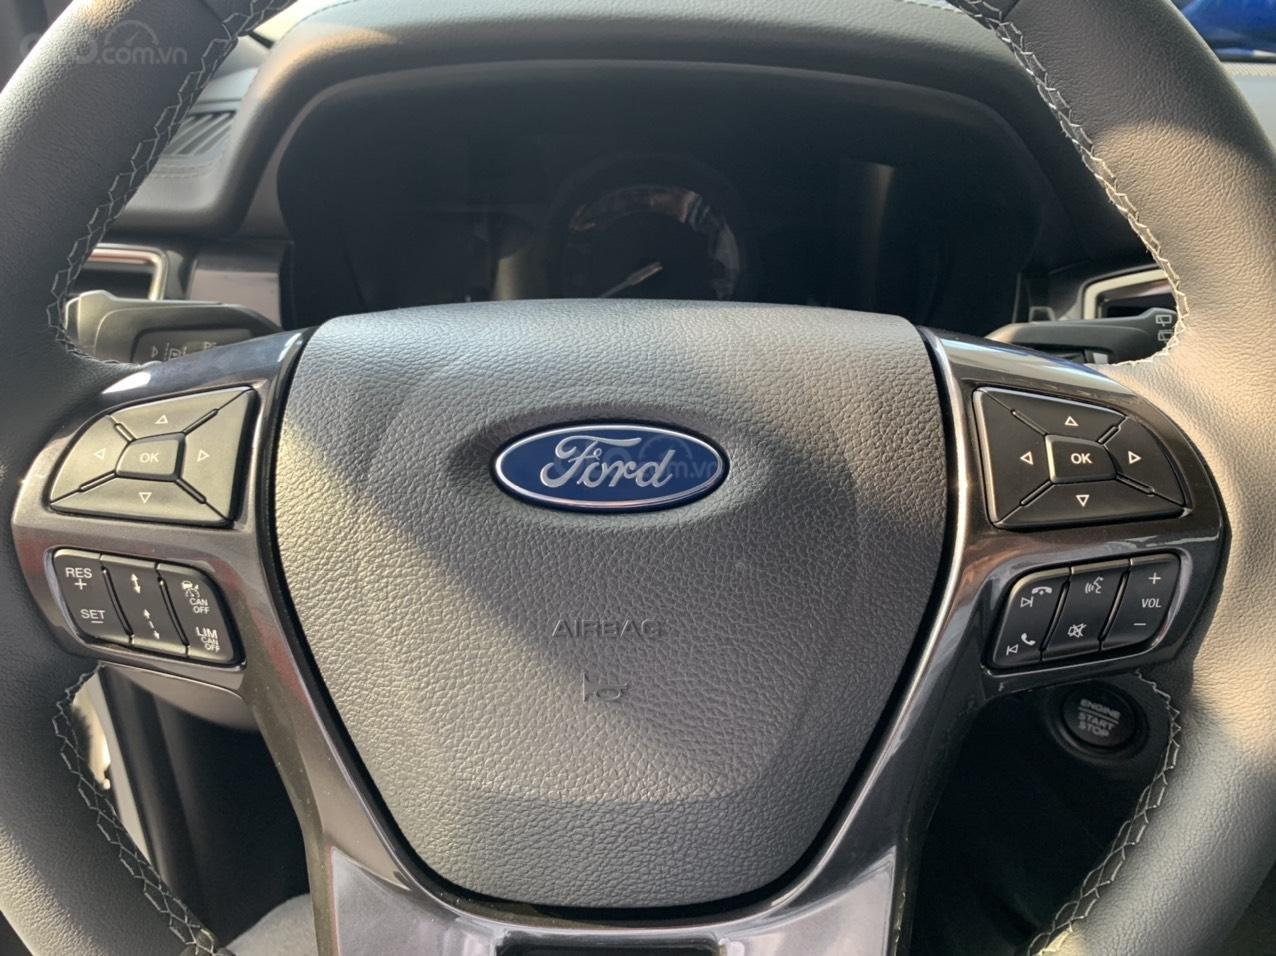 Ford Everest giảm giá 120 triệu, tặng BHVC, phim cách nhiệt, lót sàn, LH: 0388.145.415 (6)